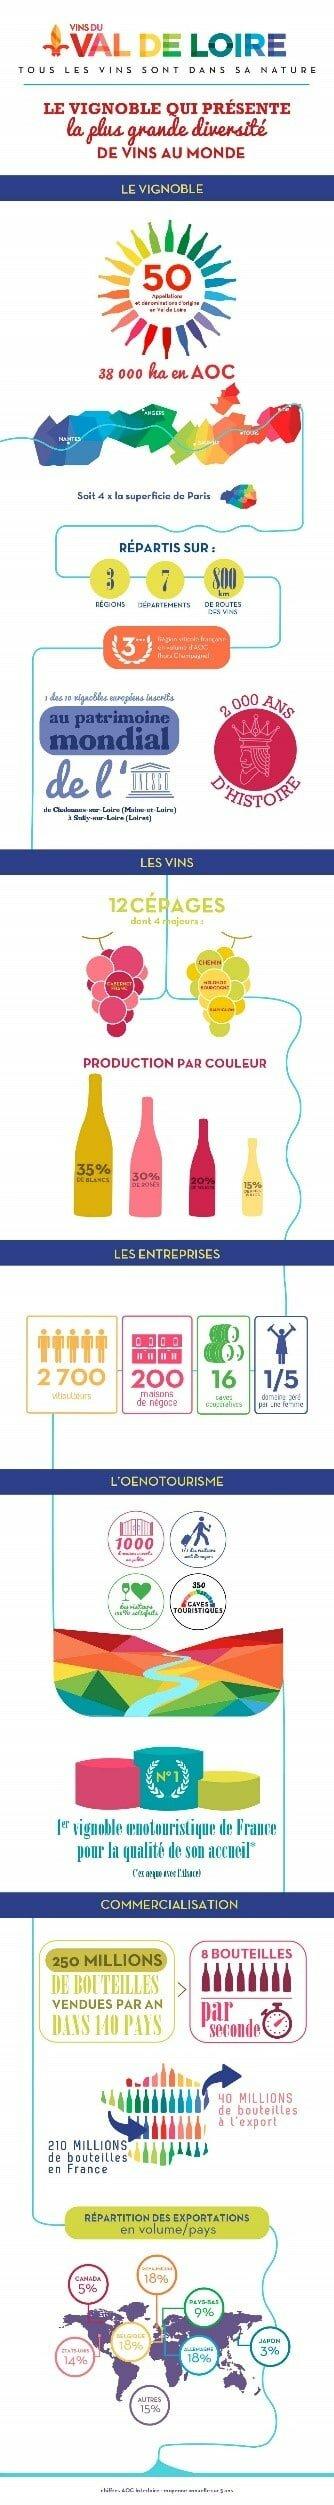 Infografie chiffre clé du vignoble de Loire